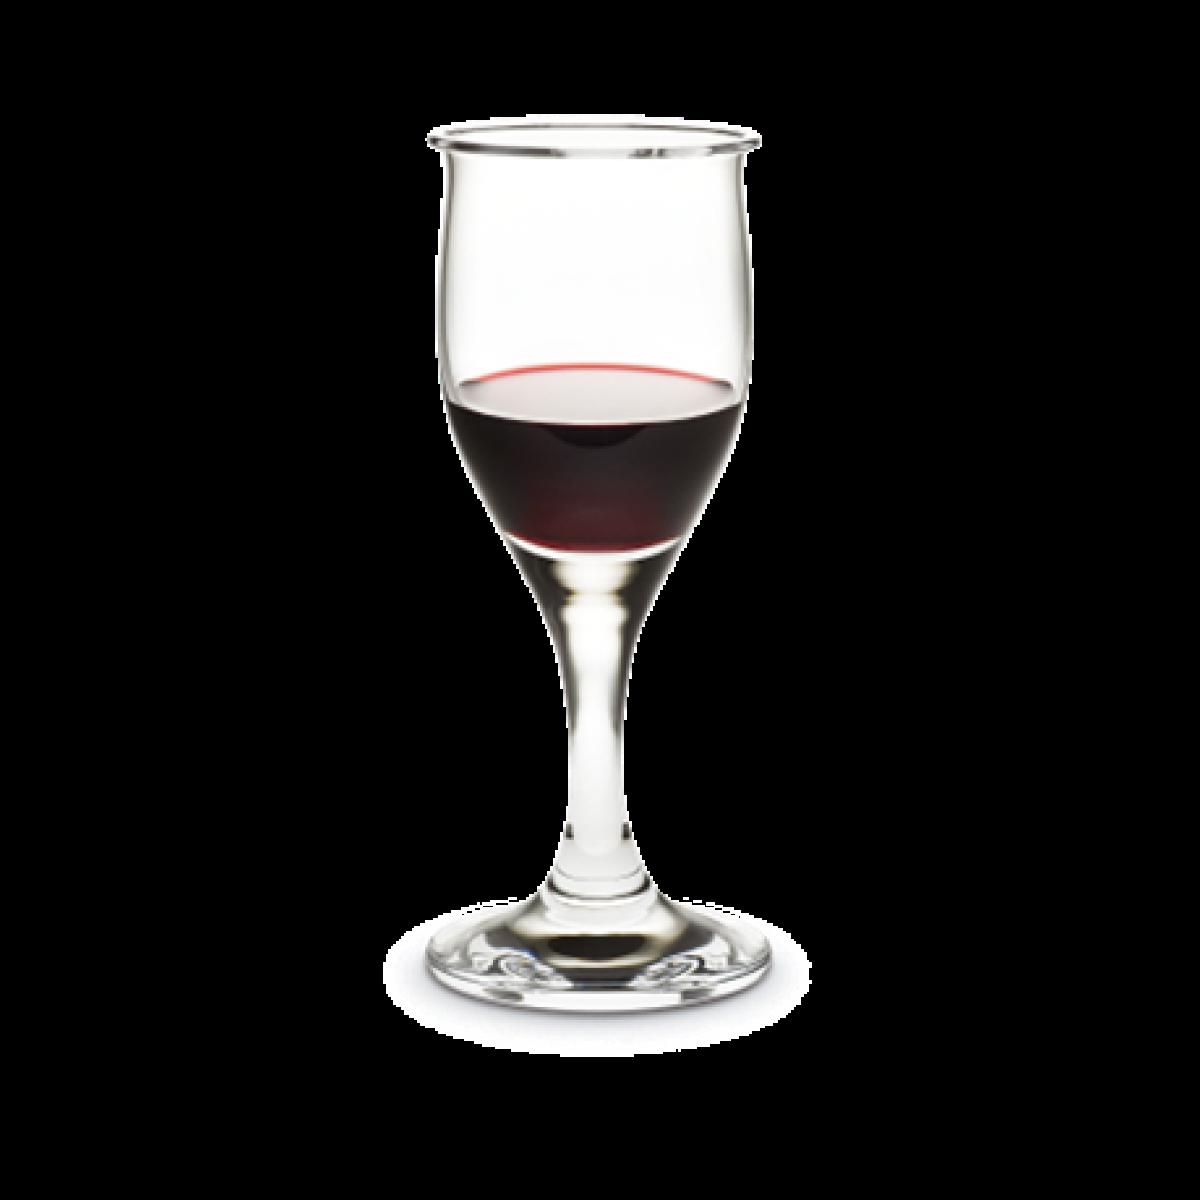 HOLMEGAARD Idéelle rødvinsglas 28 cl.